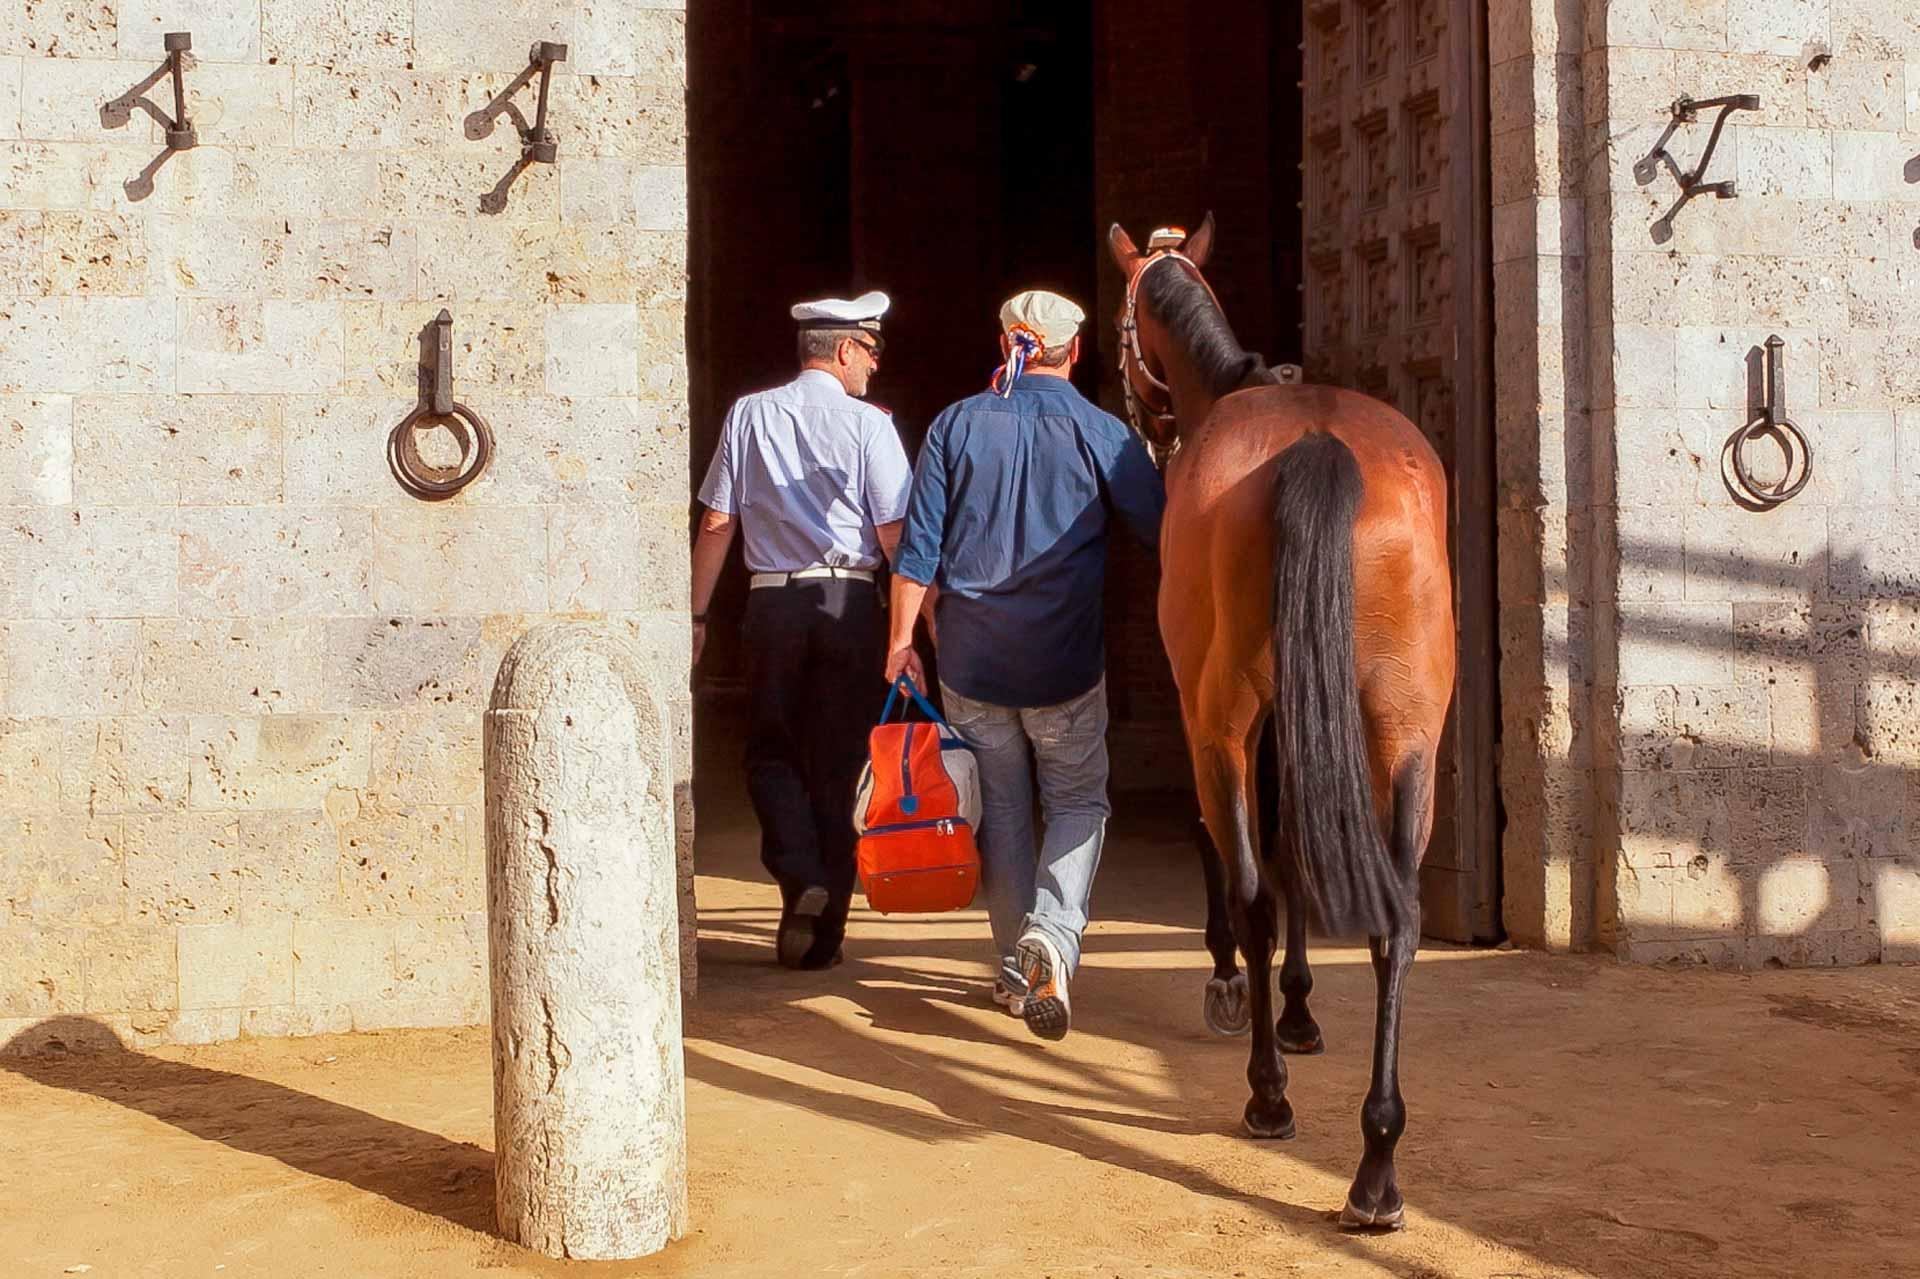 LA PRIMA PROVA - Una volta giunti in Piazza, il barbaresco introduce il cavallo all?interno del cortile del Podest?, dove gli verr? assegnata una postazione, che manterr? per tutte le sei prove previste e il Palio.